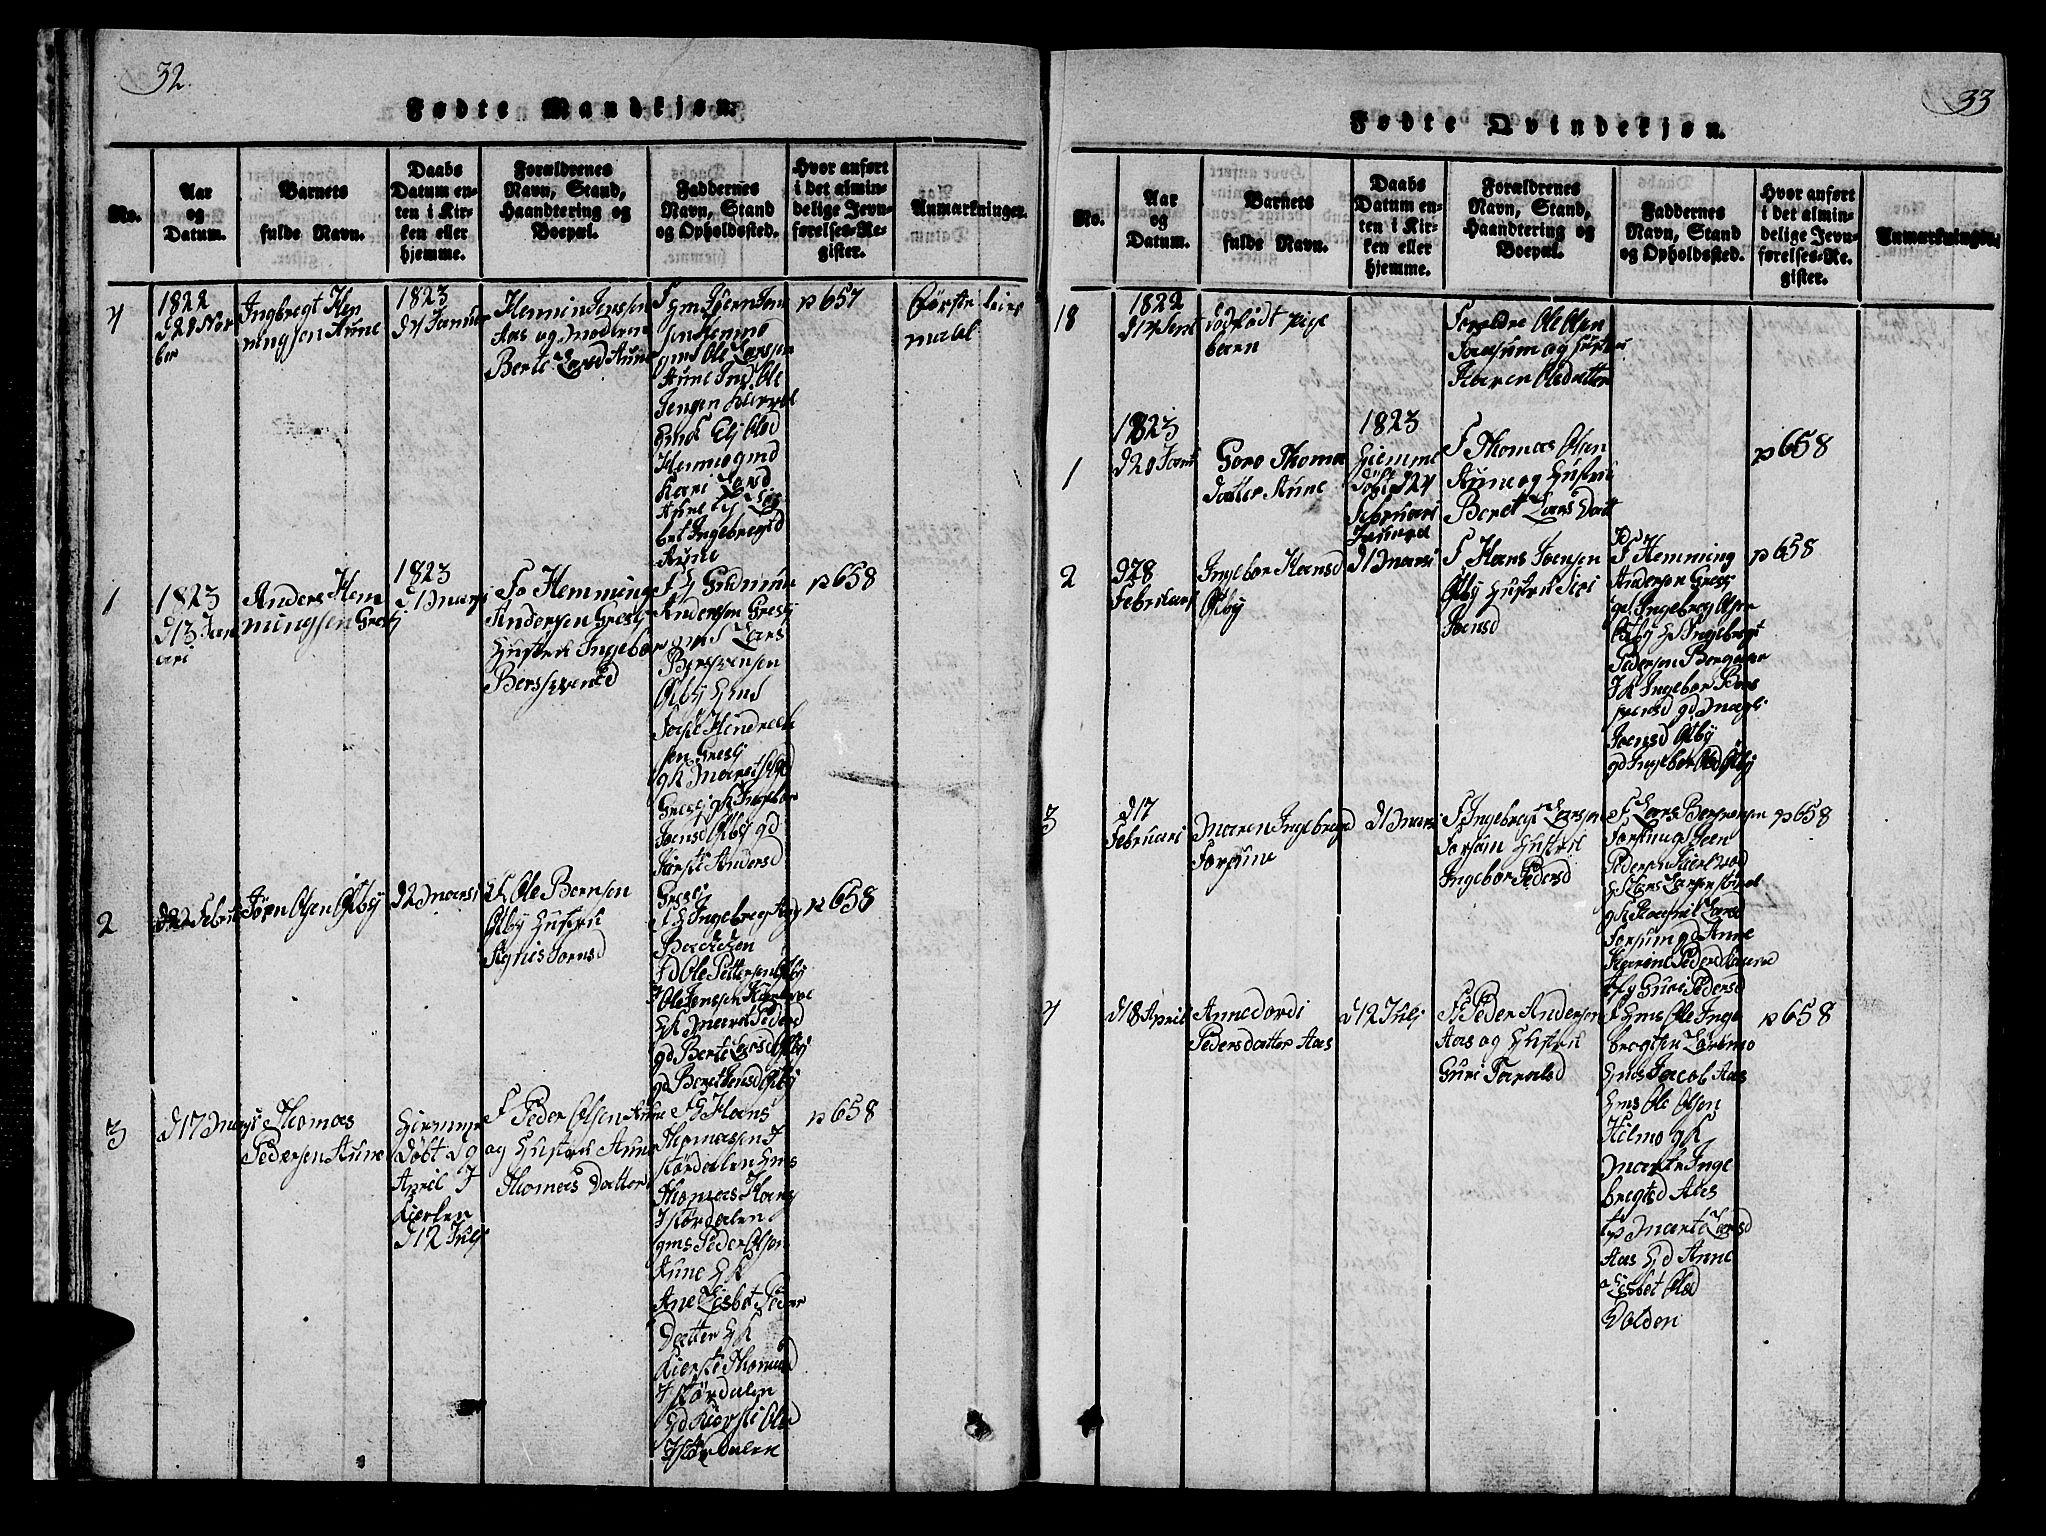 SAT, Ministerialprotokoller, klokkerbøker og fødselsregistre - Sør-Trøndelag, 698/L1164: Klokkerbok nr. 698C01, 1816-1861, s. 32-33